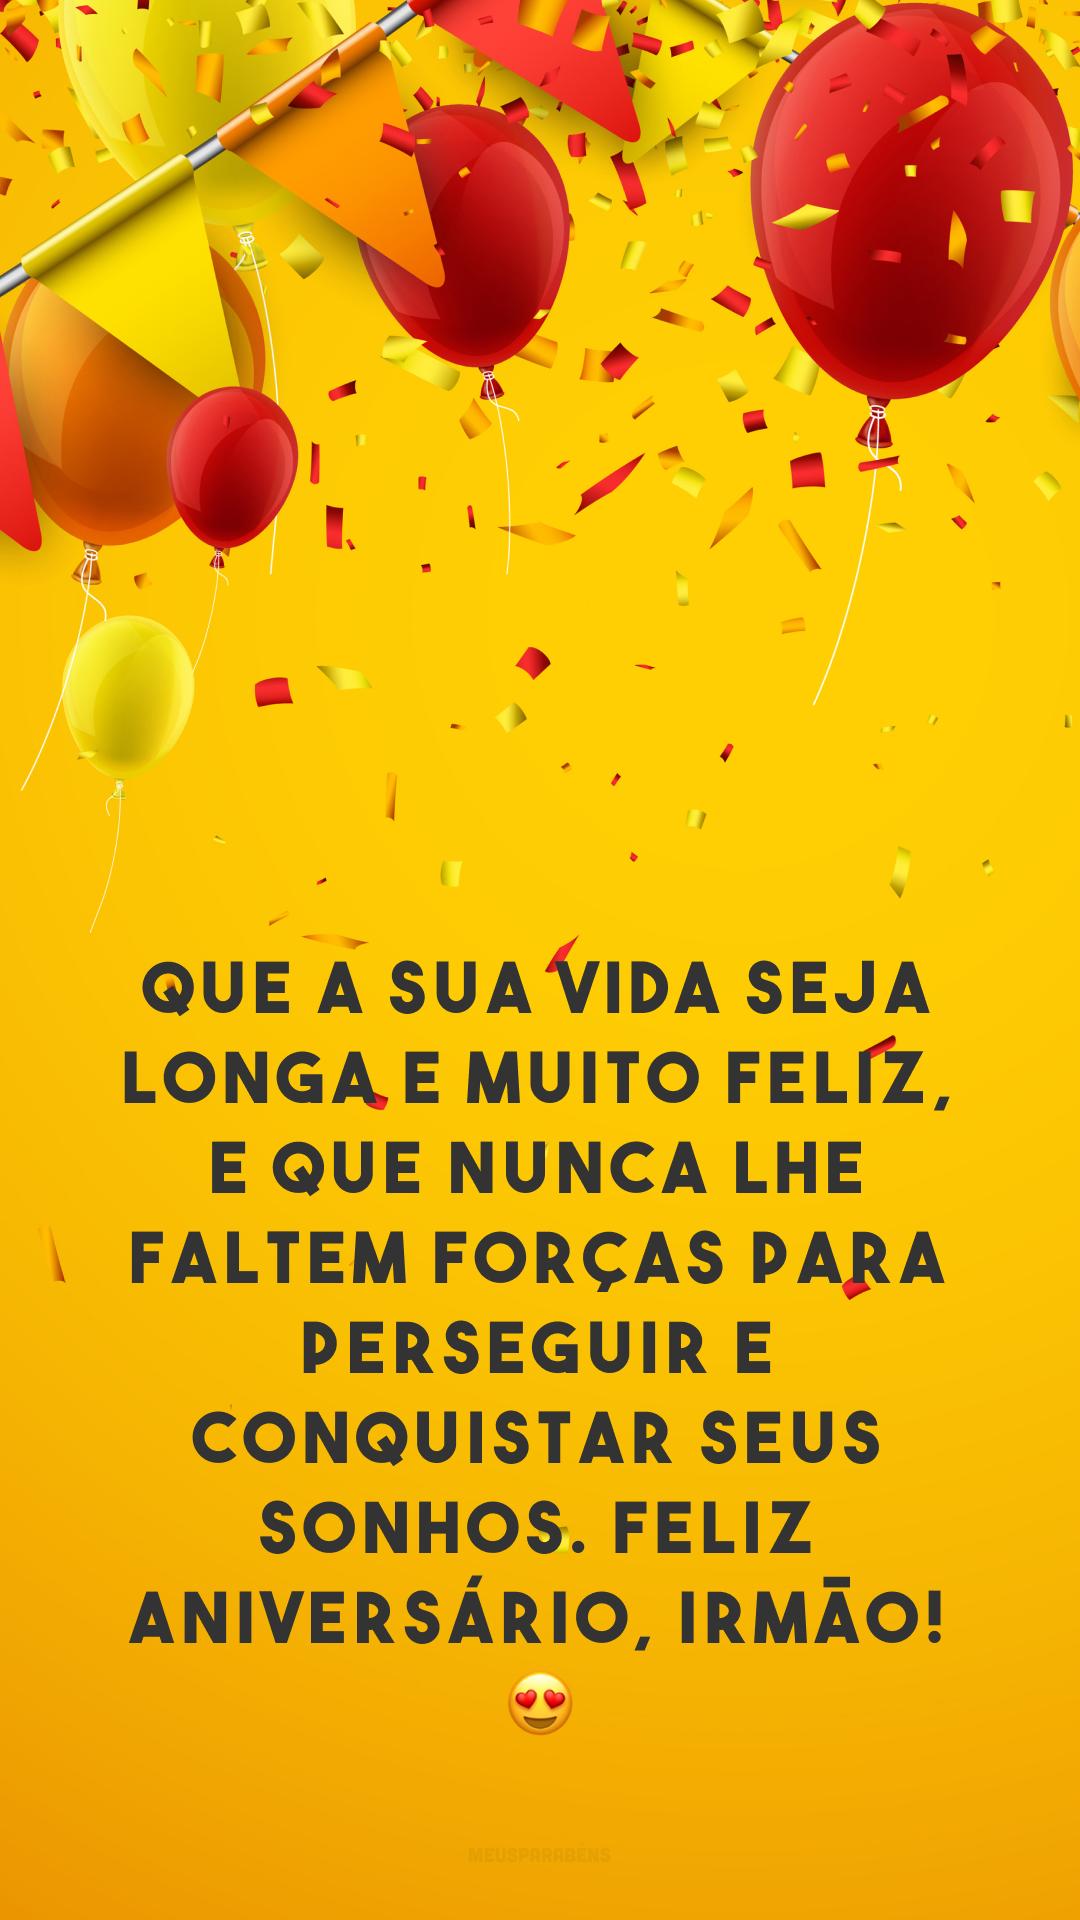 Que a sua vida seja longa e muito feliz, e que nunca lhe faltem forças para perseguir e conquistar seus sonhos. Feliz aniversário, irmão! 😍